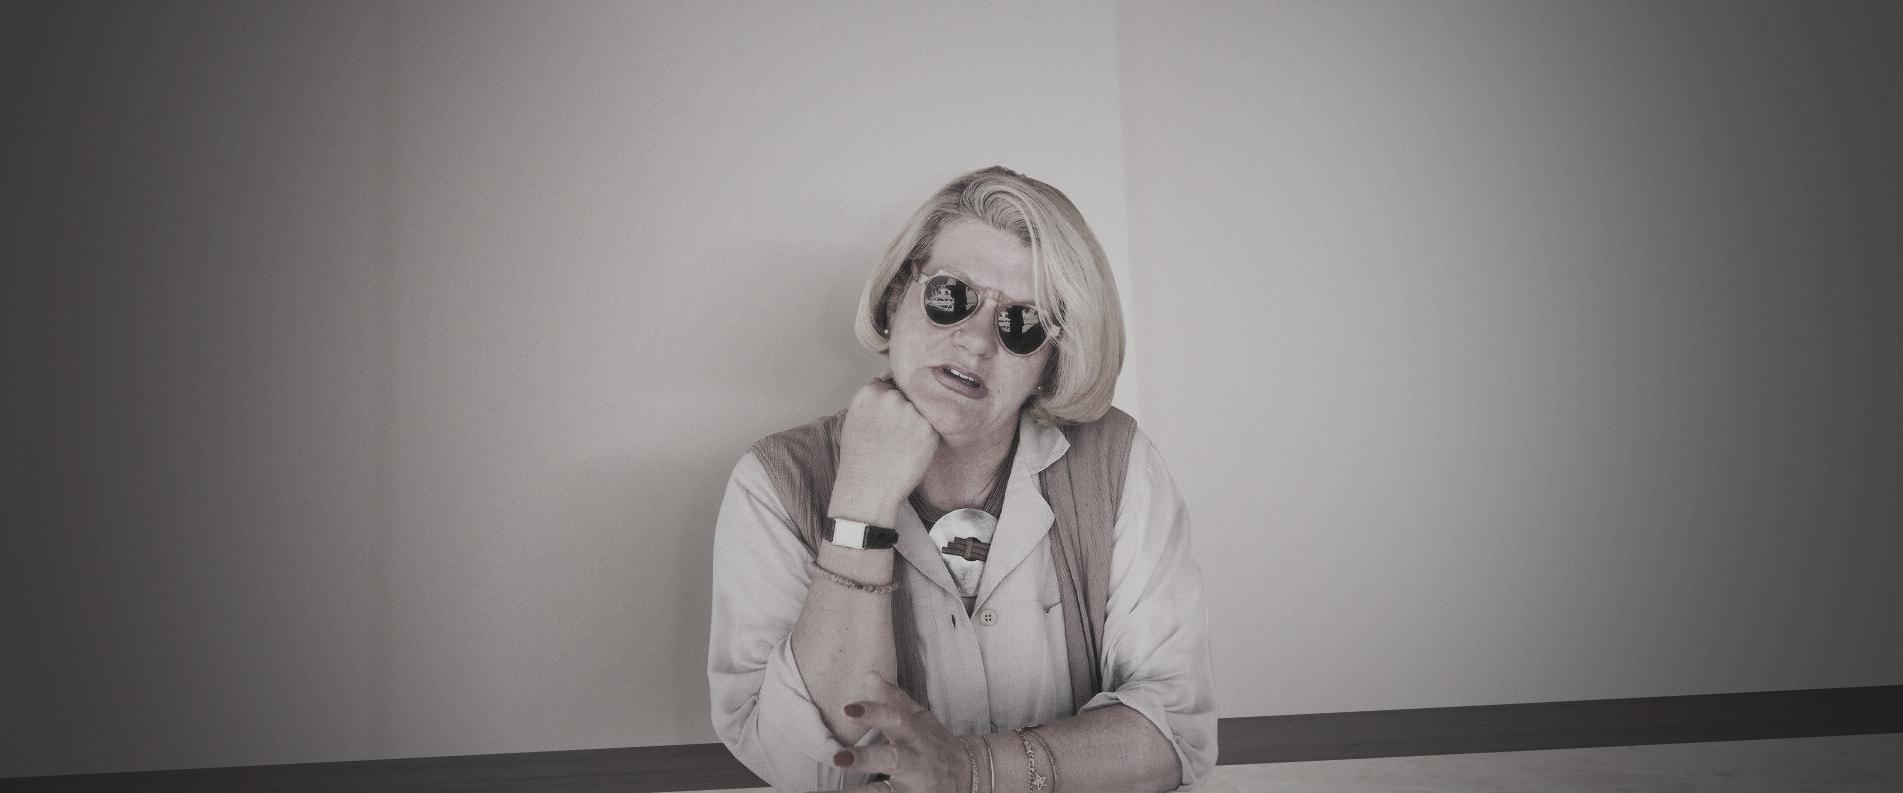 Джилл Кэмпбэлл-Маккей: познавая смысл жизни